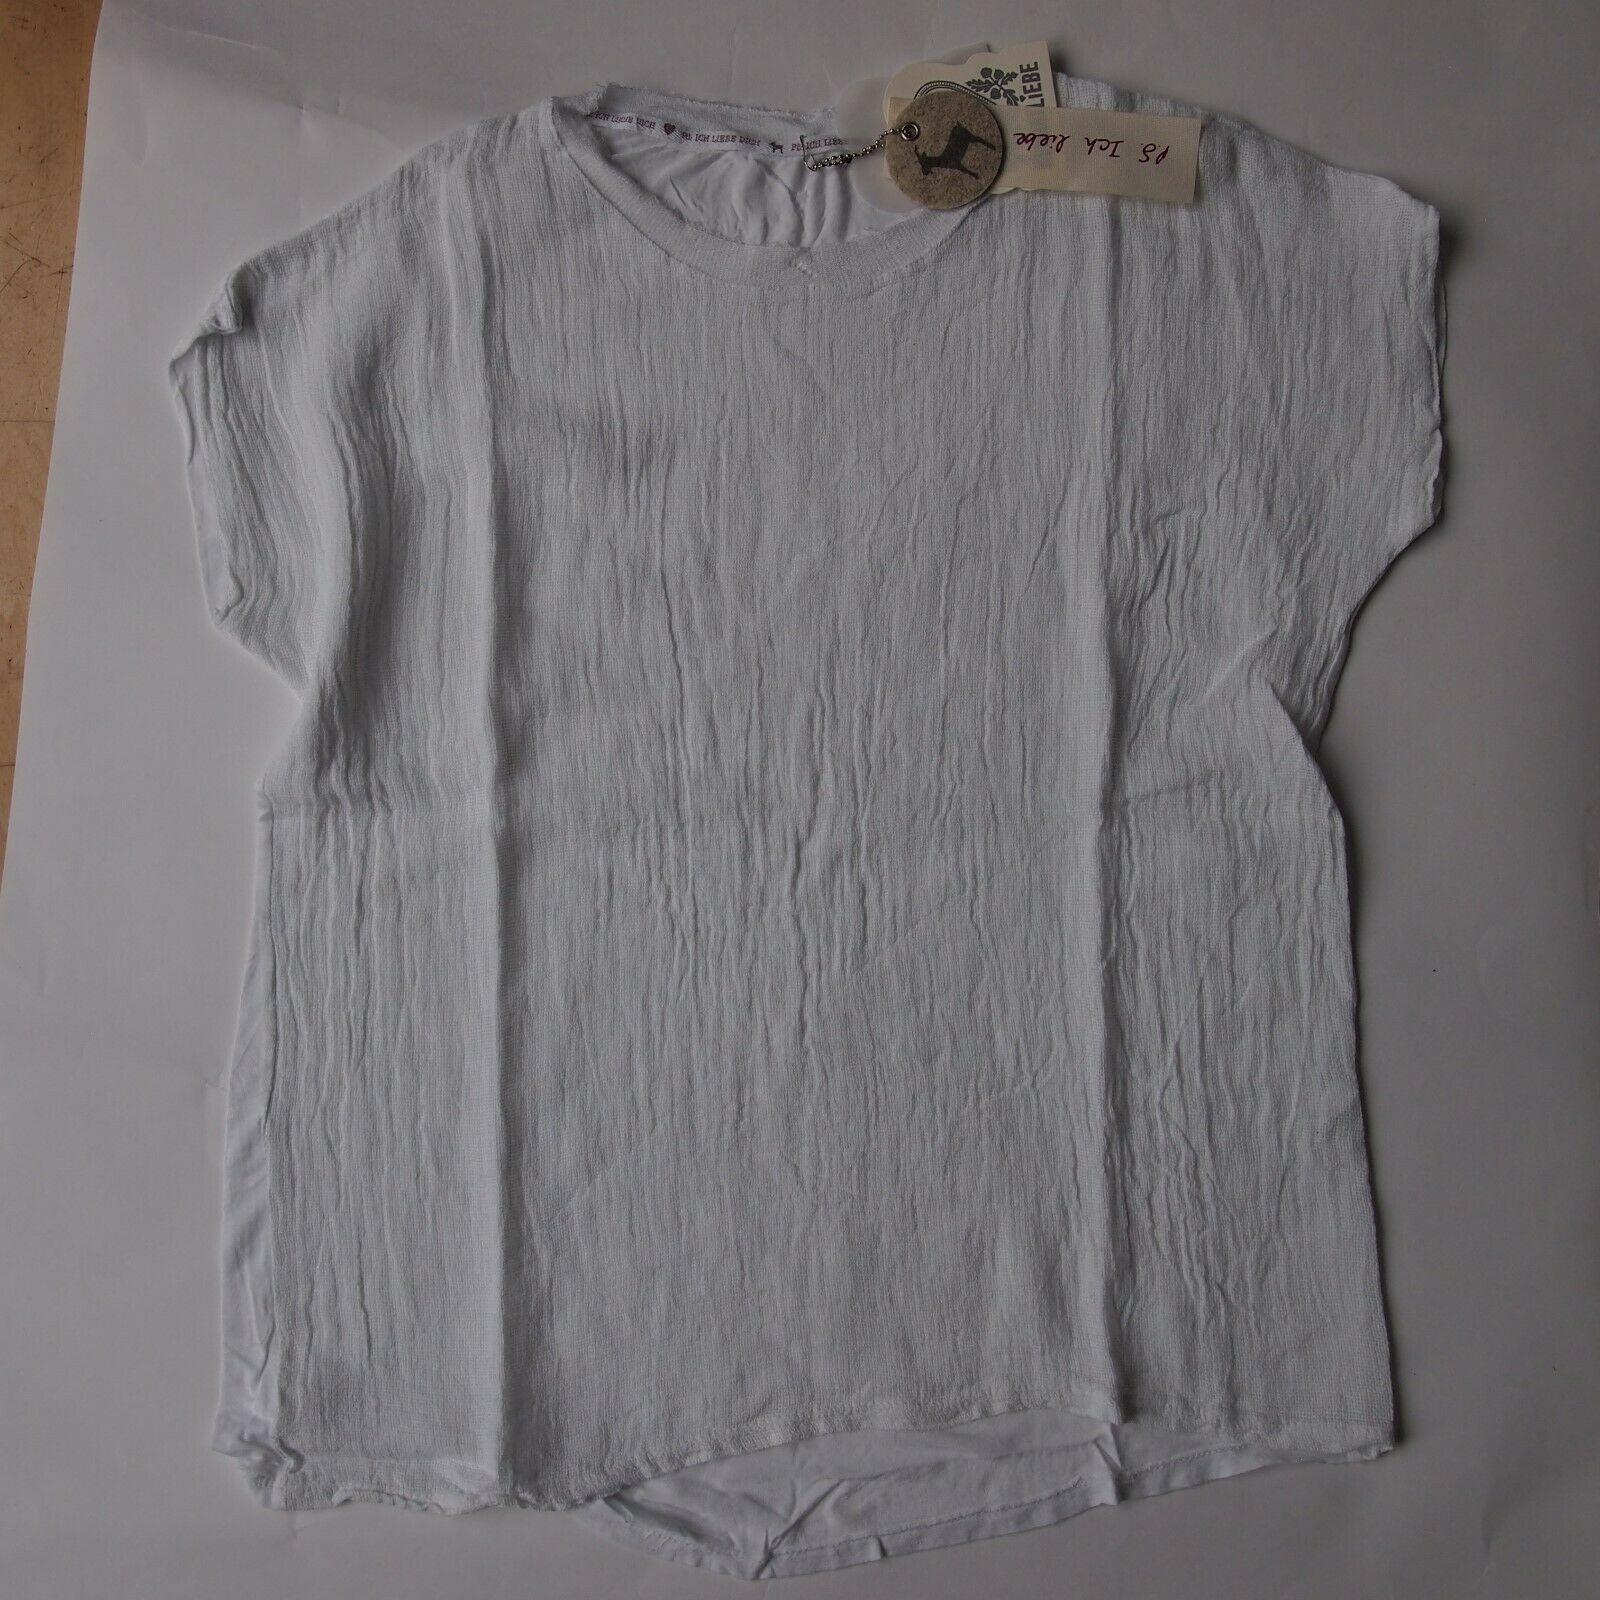 Heimatliebe Damen T-Hemd Blause Gr. M Sommer 2019  NEU weiß mit Leinen Hemd